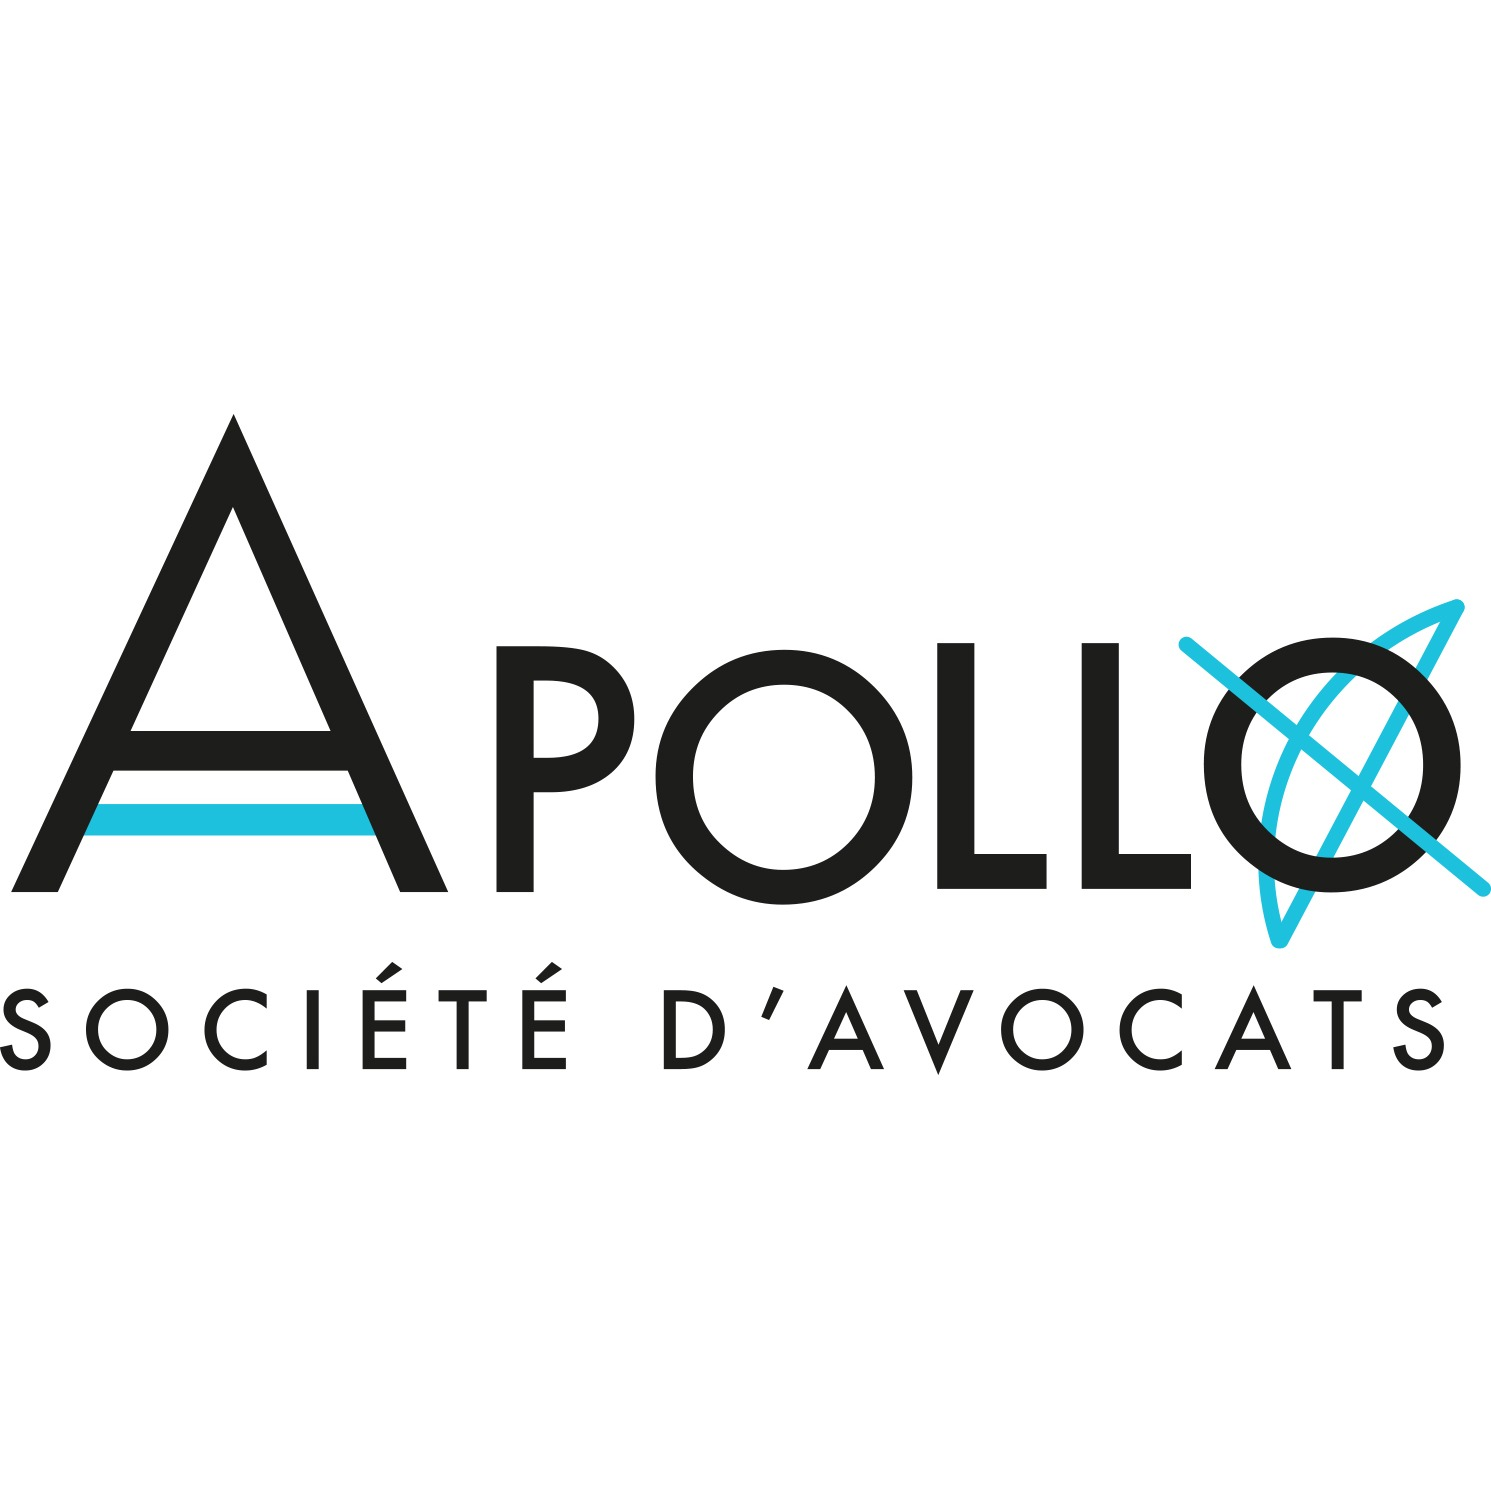 the Apollo Société dAvocats logo.